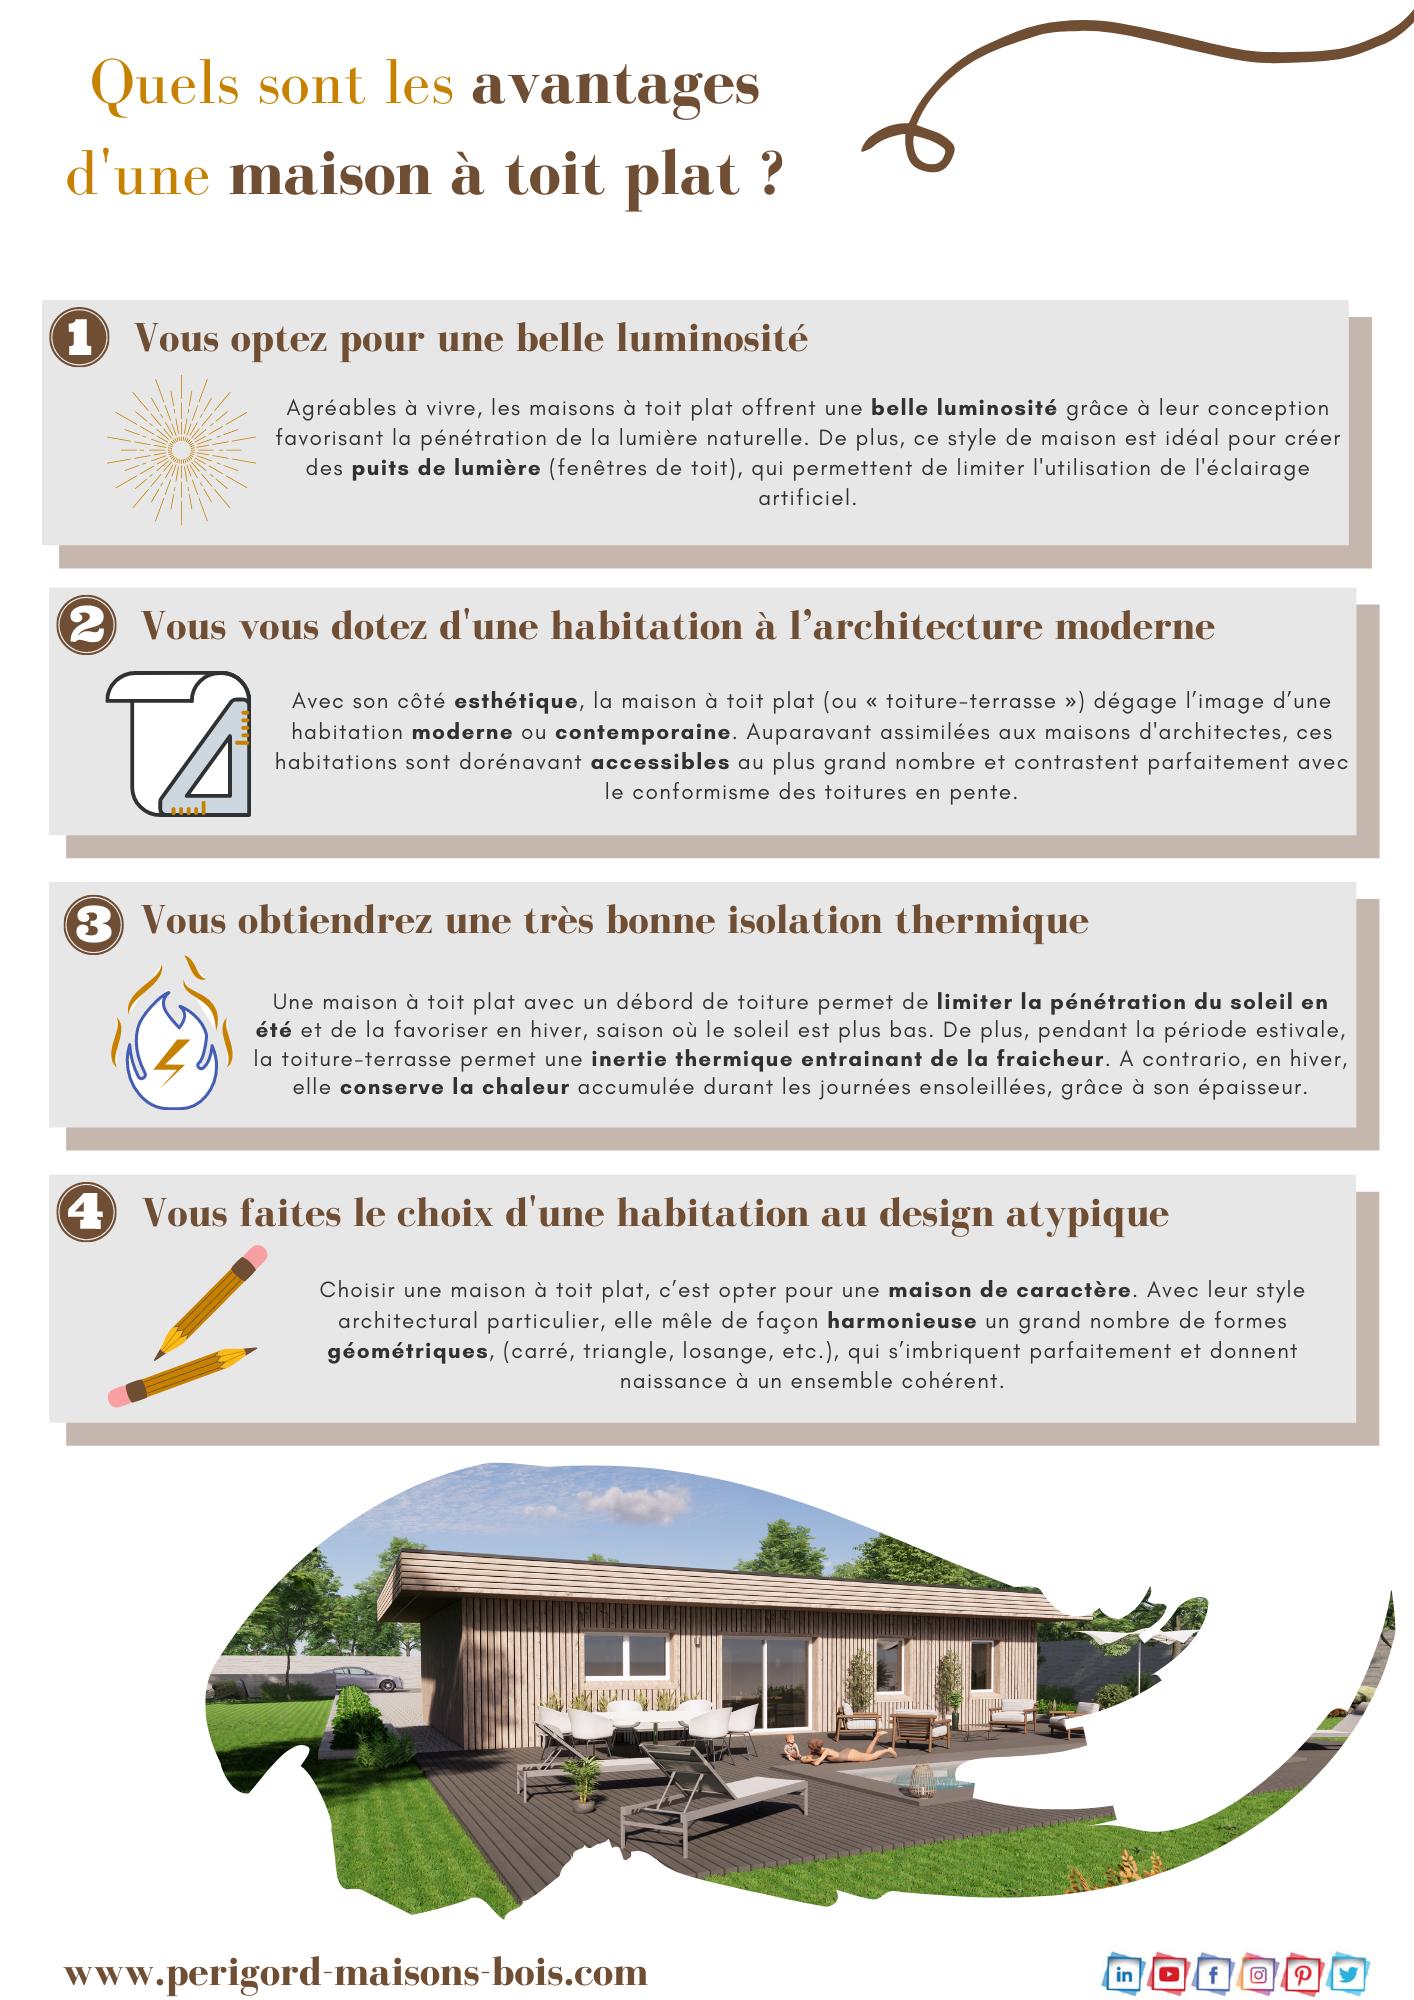 Construire Une Maison Toit Plat Perigord Maisons Bois